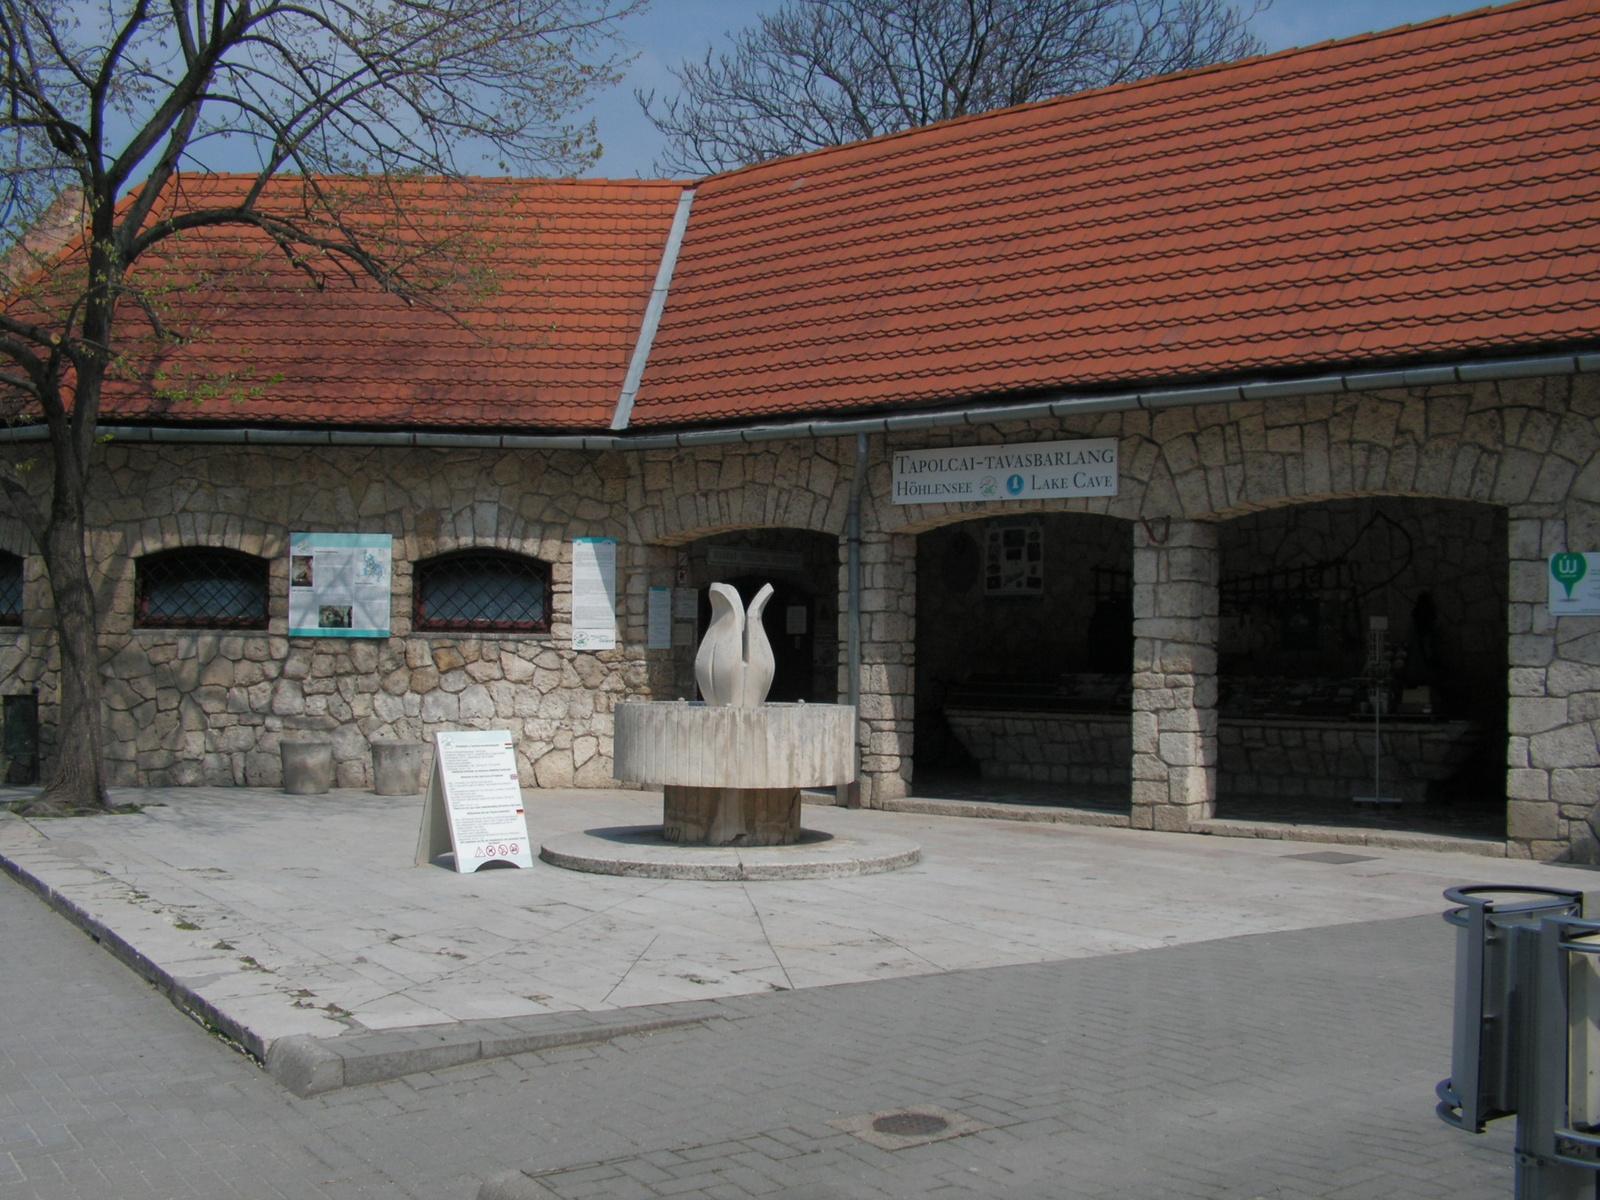 Tapolca, a tavasbarlang bejárata, SzG3